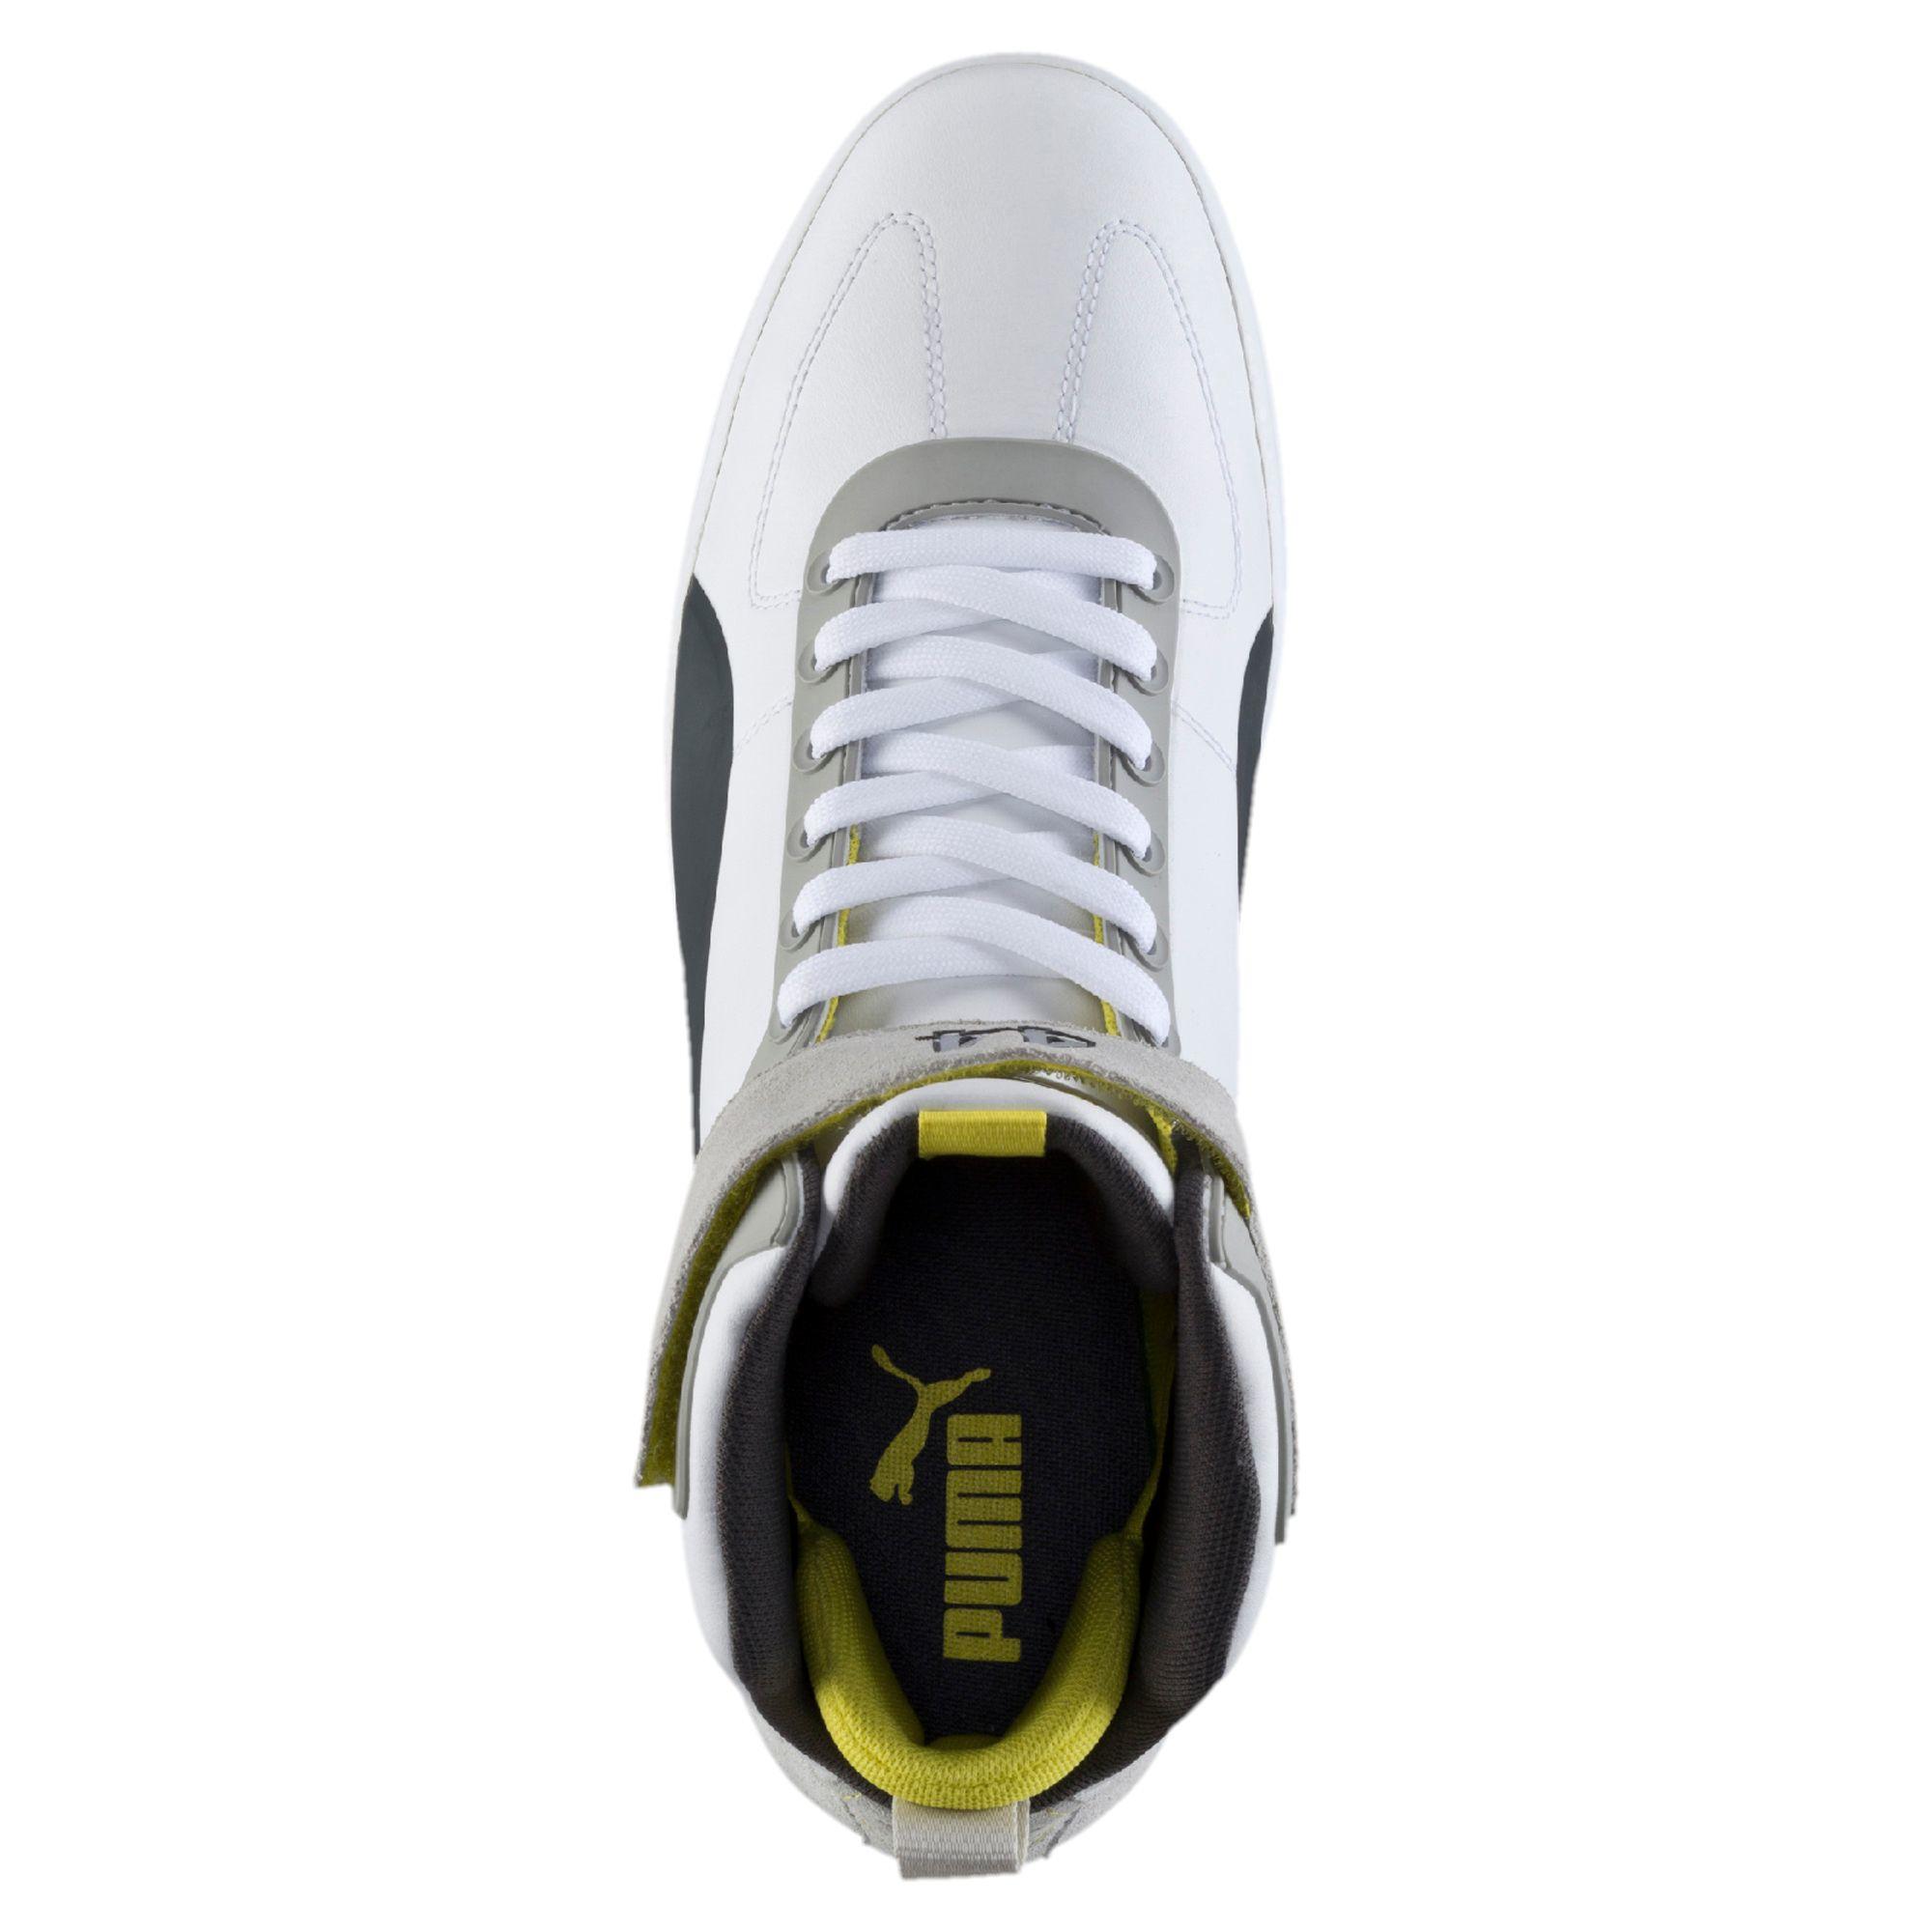 Lyst - PUMA Mercedes Upole Lewis Men s Shoes for Men 9cef93e99